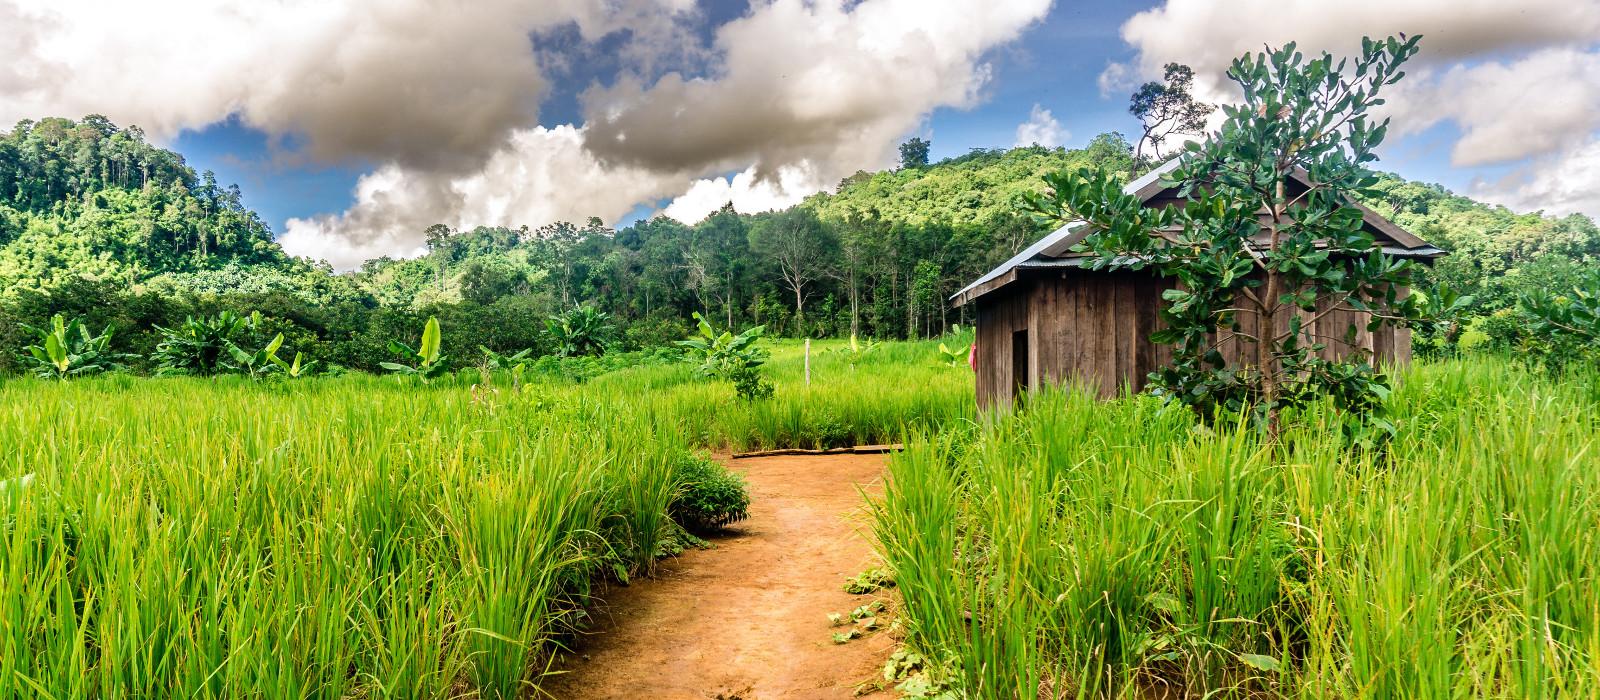 Bezauberndes Kambodscha und seine versteckten Reichtümer Urlaub 1